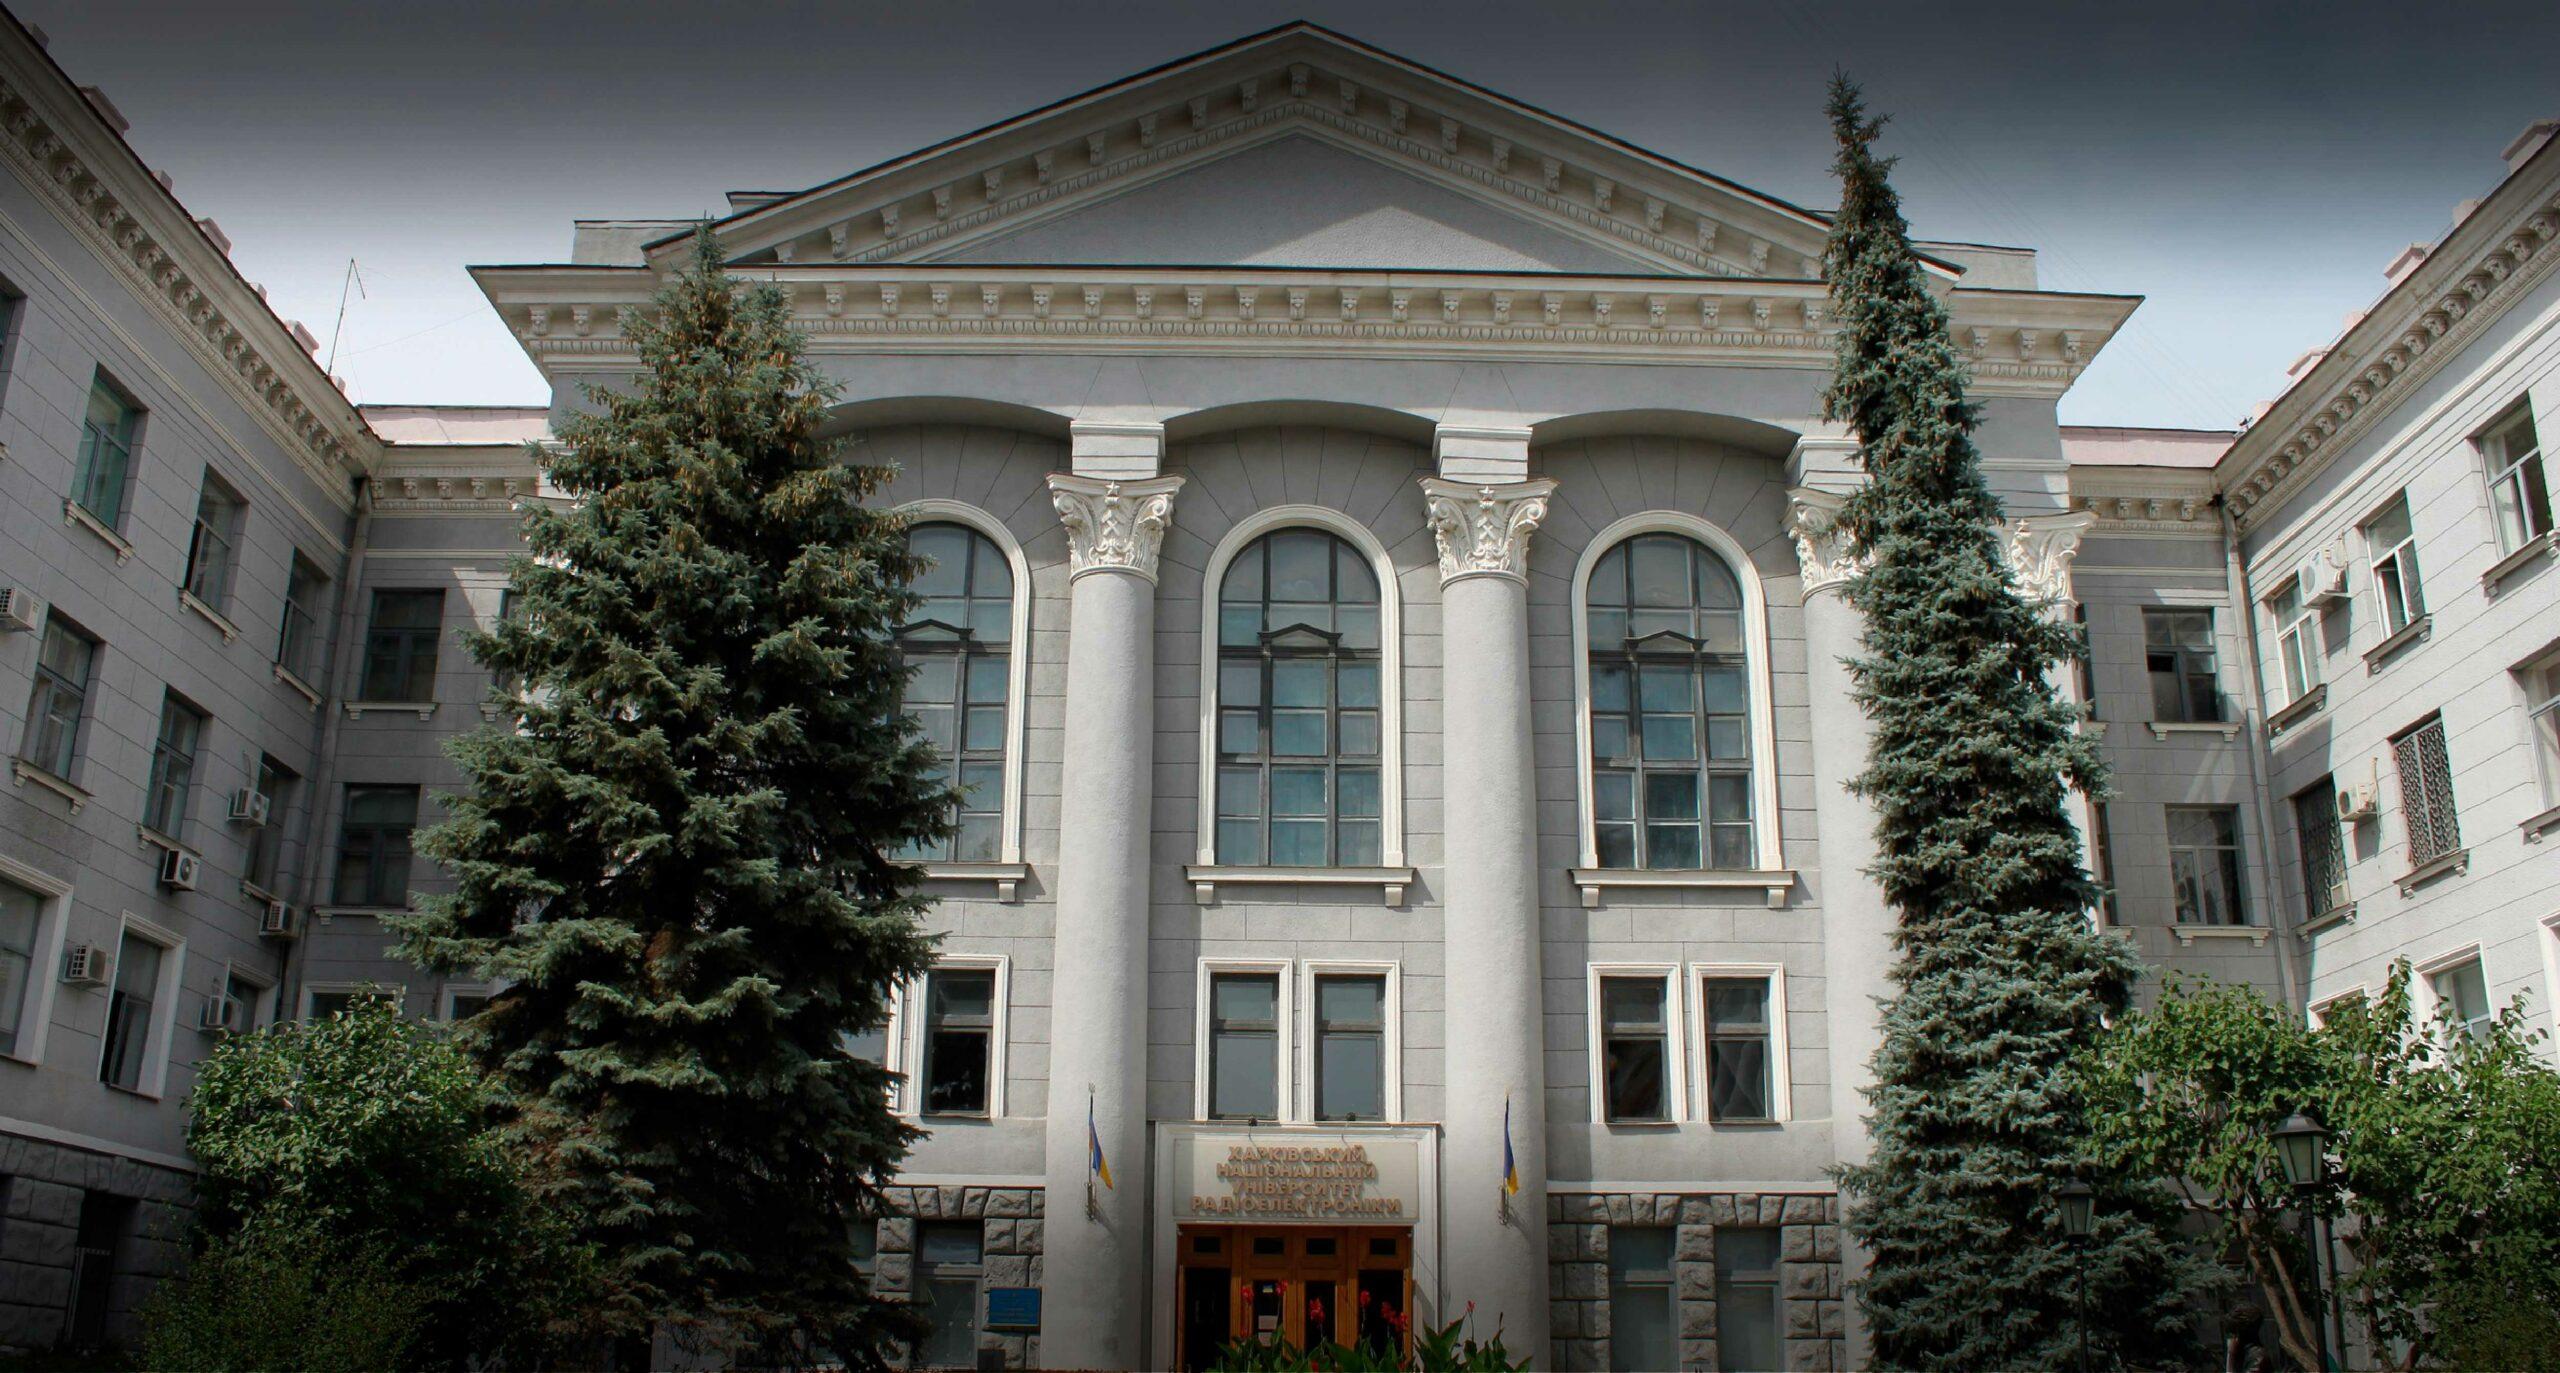 KAPELOU планує відкриття навчальної лабораторії для студентів ХНУРЕ - 8 - kapelou.com